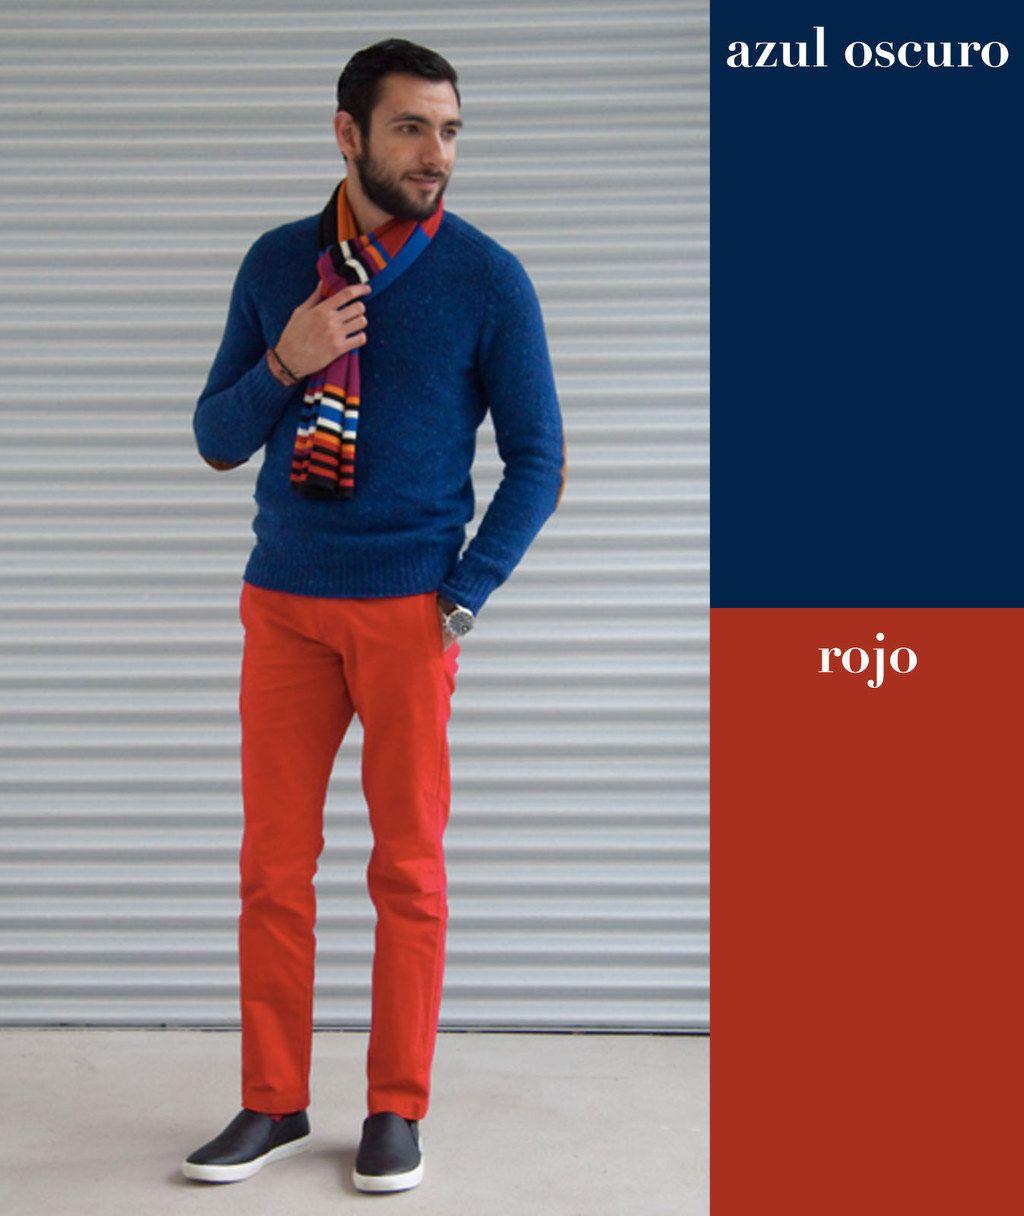 d6293564b063 17 Combinaciones de color que todo hombre puede usar